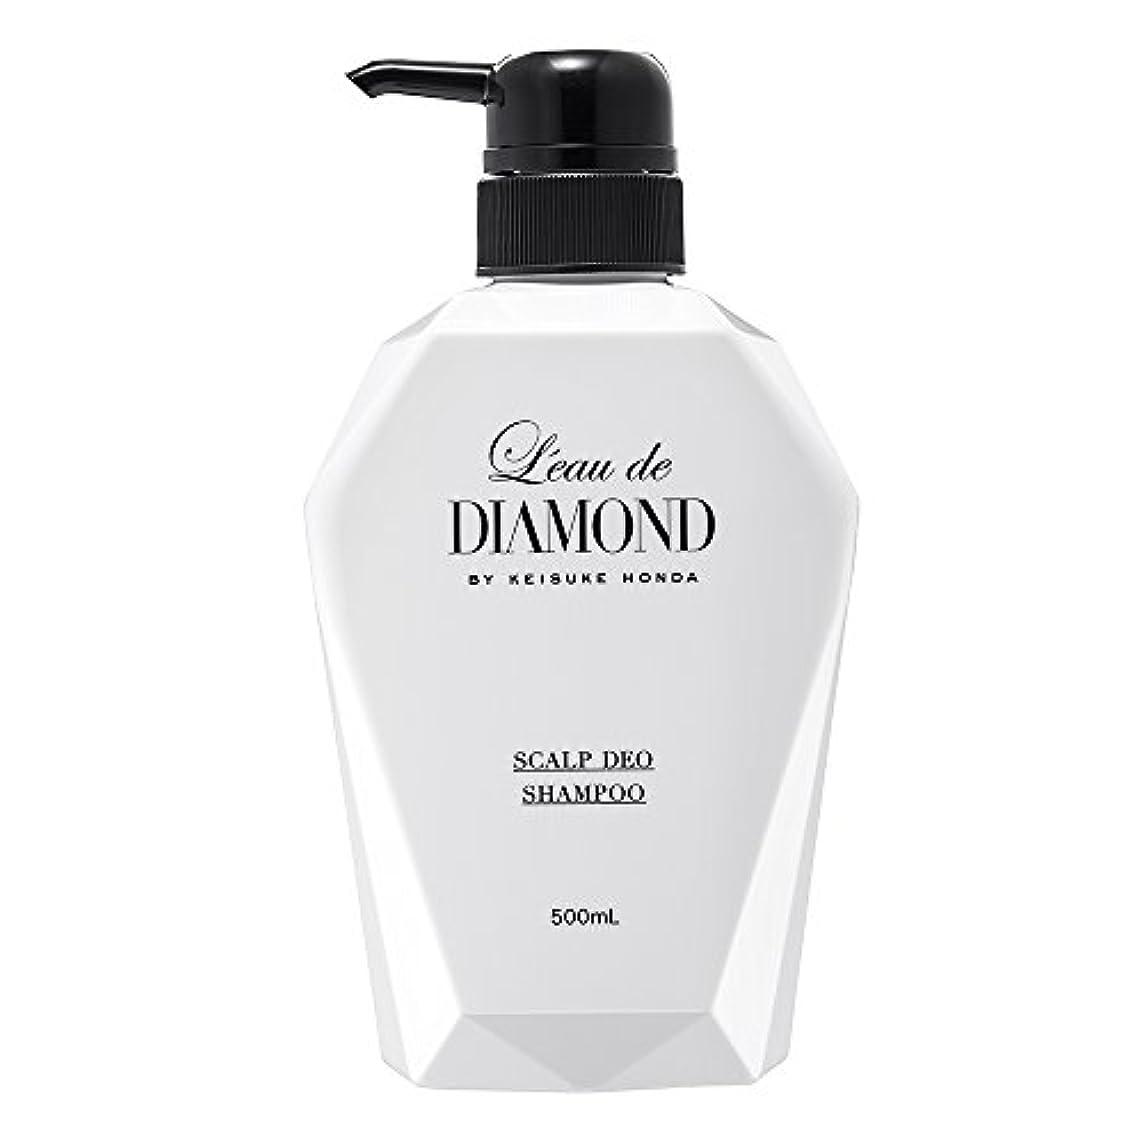 理容室ファン専門ロードダイアモンド 薬用スカルプデオシャンプー 500ml